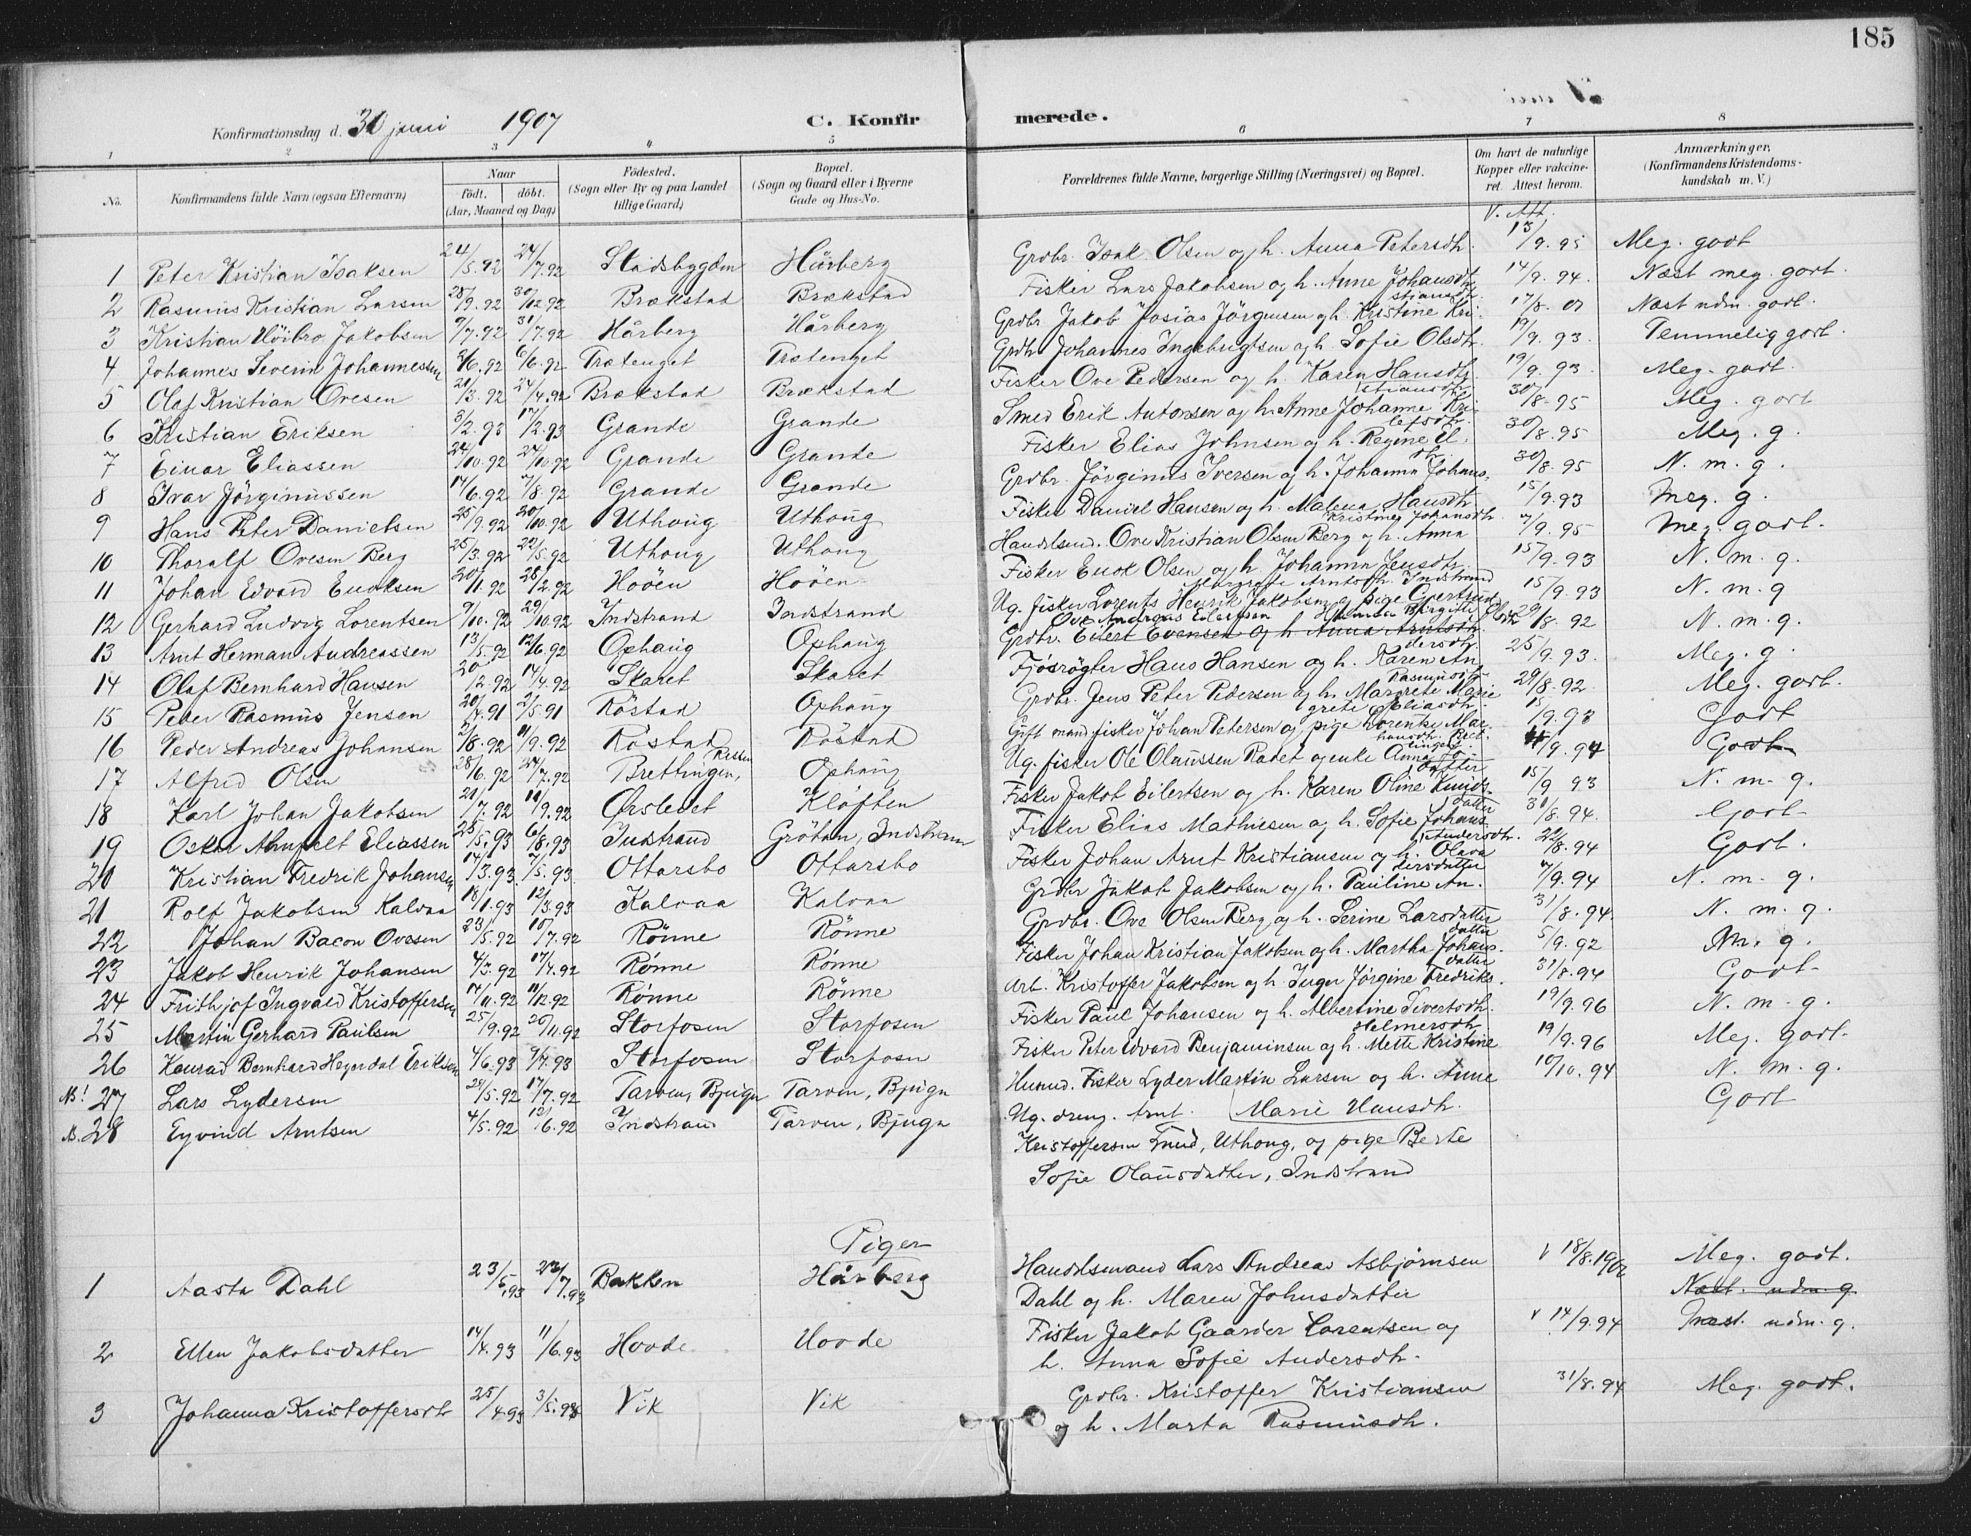 SAT, Ministerialprotokoller, klokkerbøker og fødselsregistre - Sør-Trøndelag, 659/L0743: Ministerialbok nr. 659A13, 1893-1910, s. 185